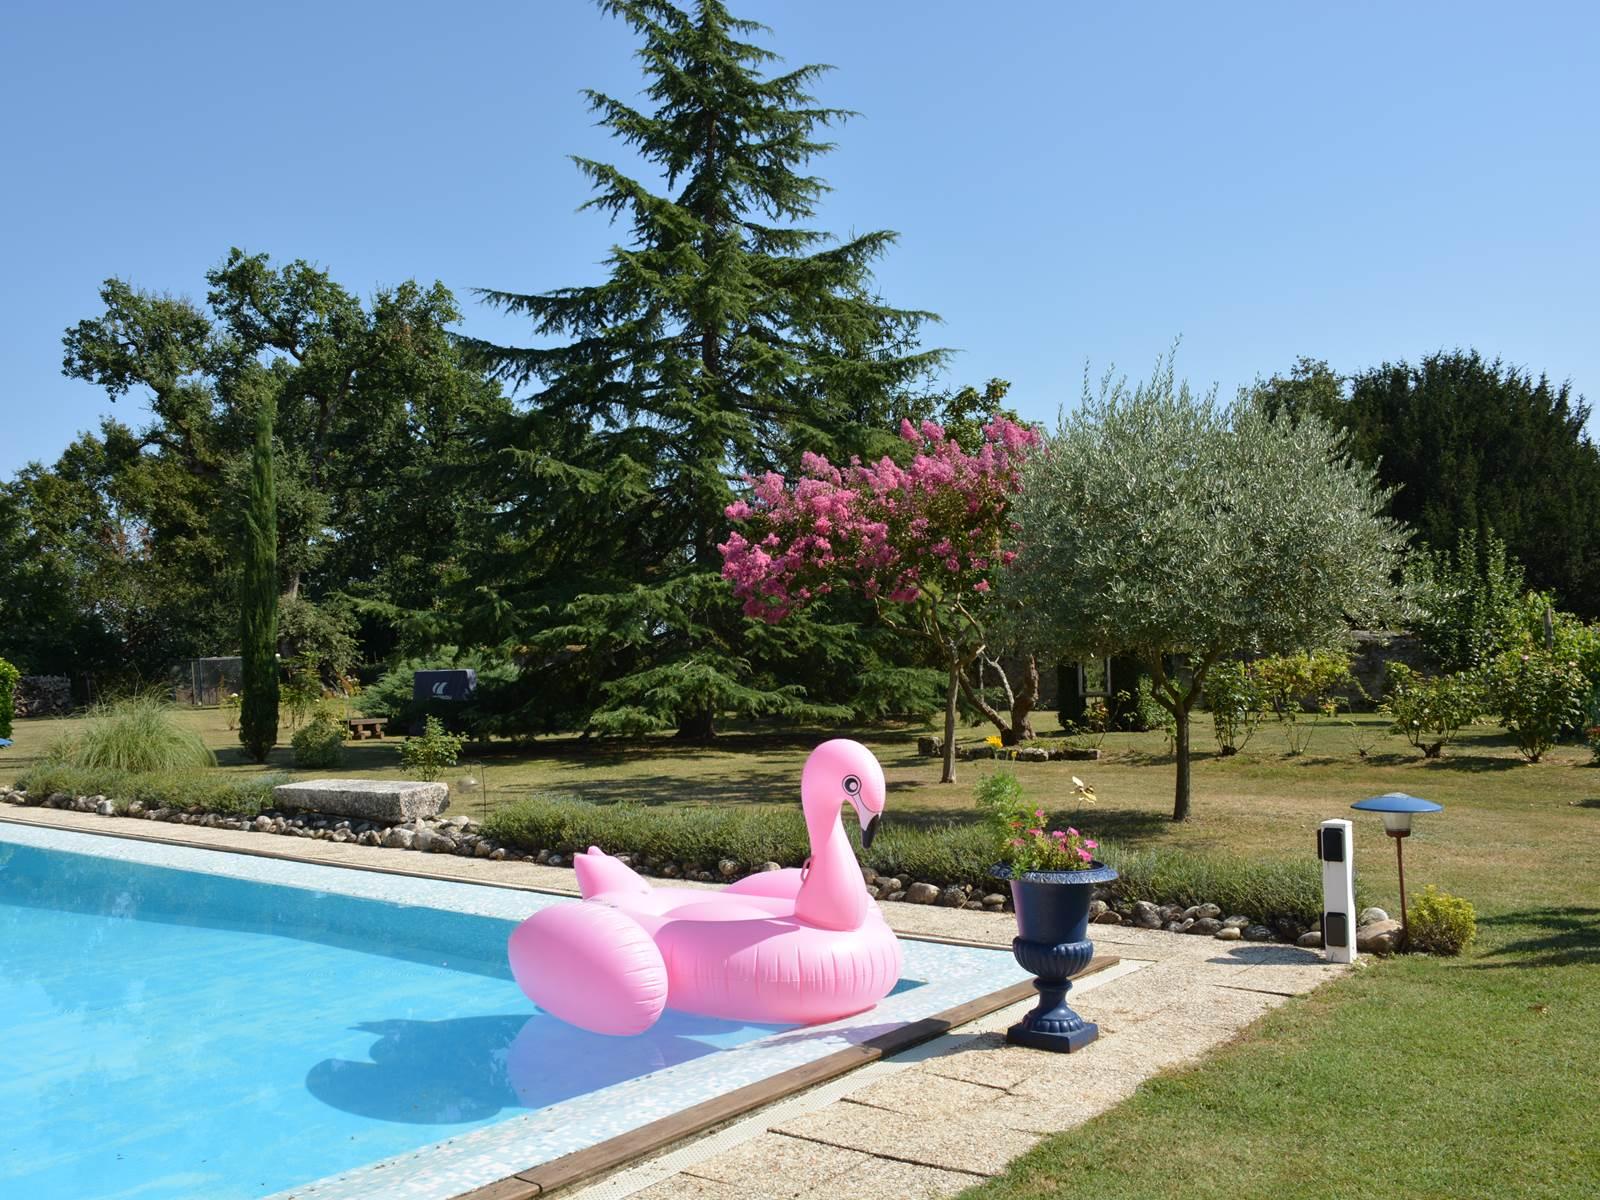 un cygne rose s'est posée sur la piscine